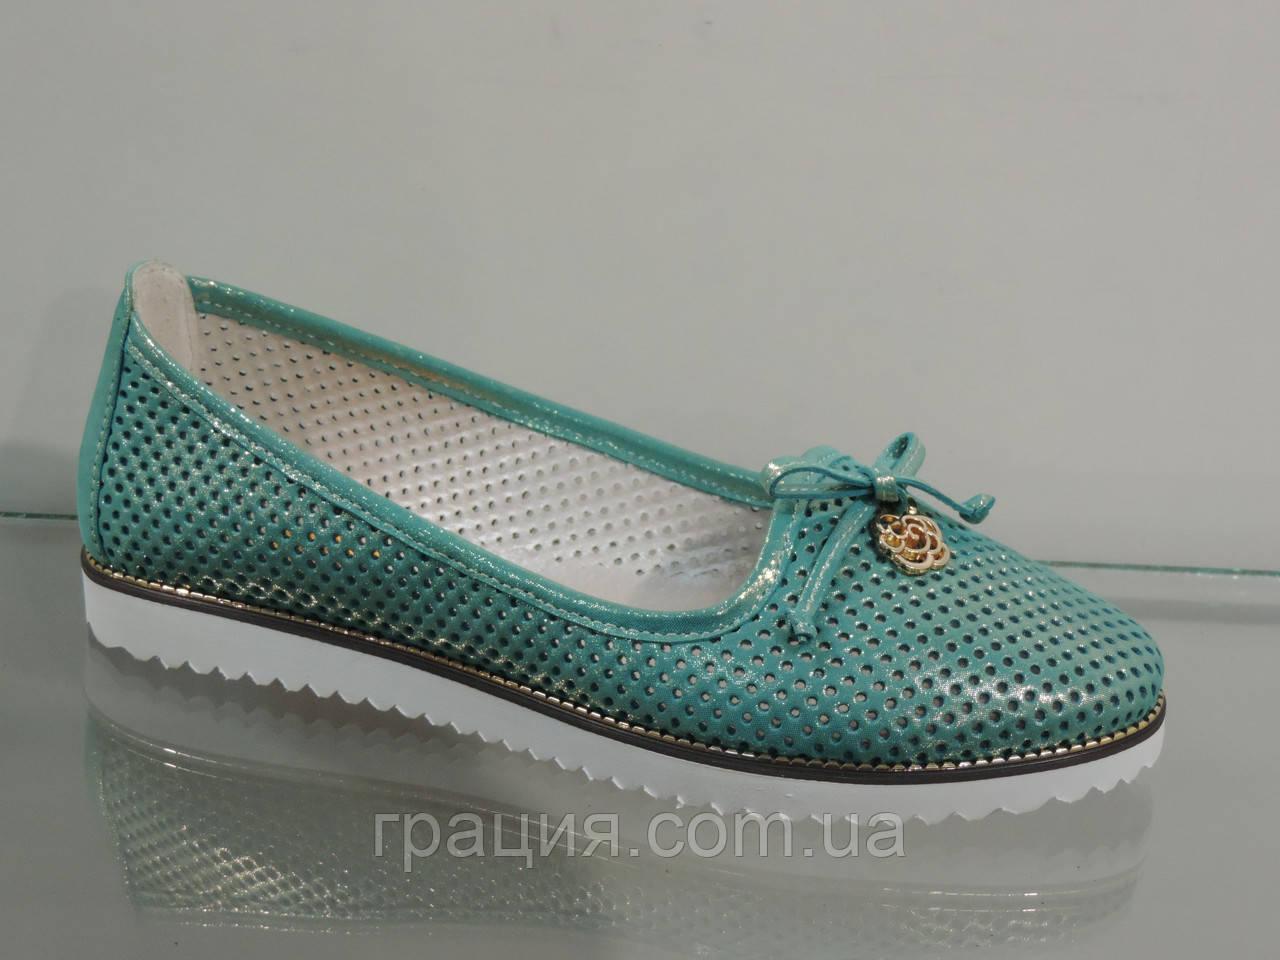 Туфлі жіночі шкіряні зручні з перфорацією